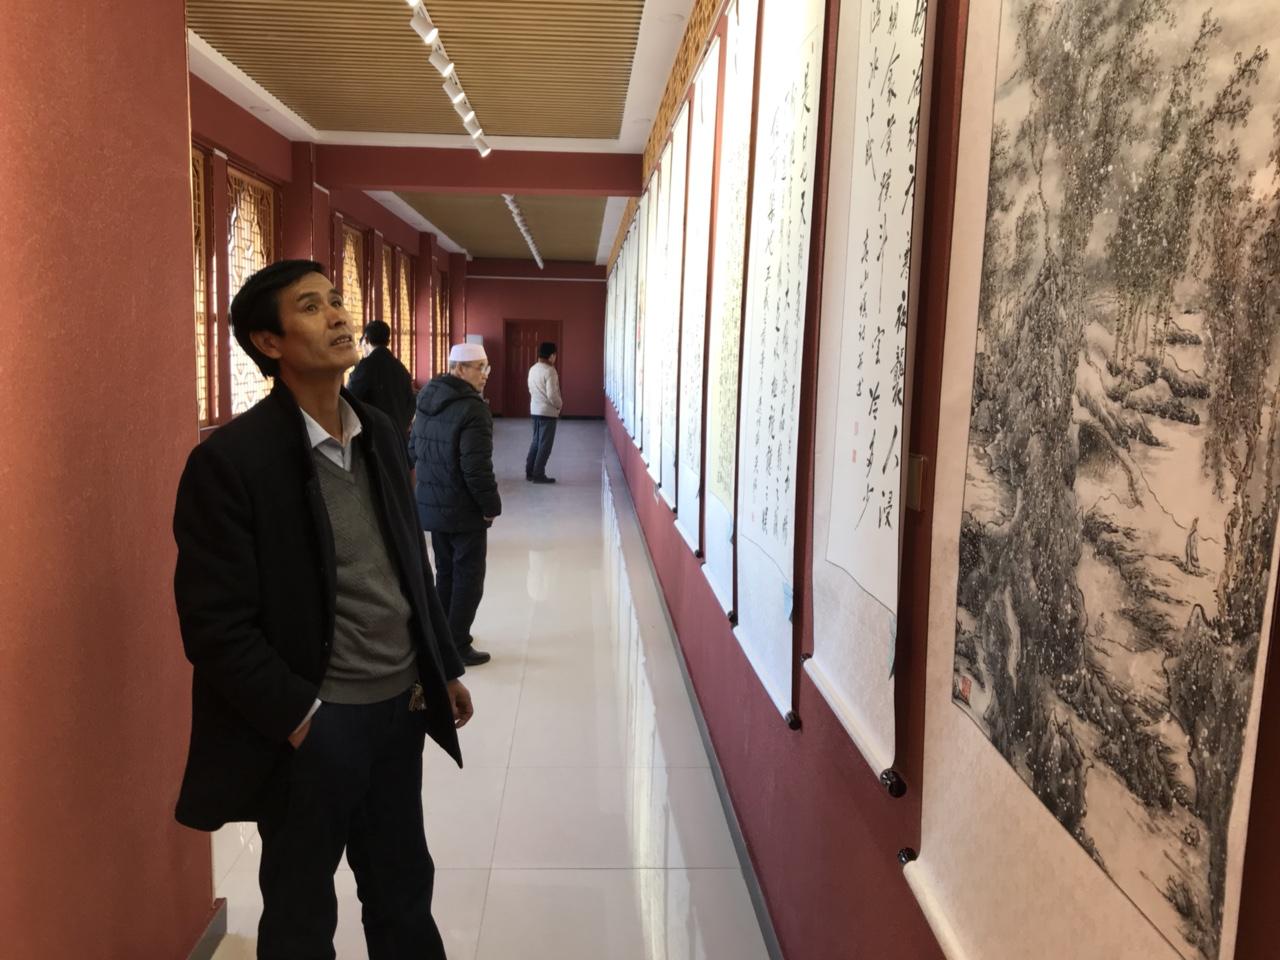 翰墨飘香书歌盛世―张家川纪念改革开放40周年书画展被围观